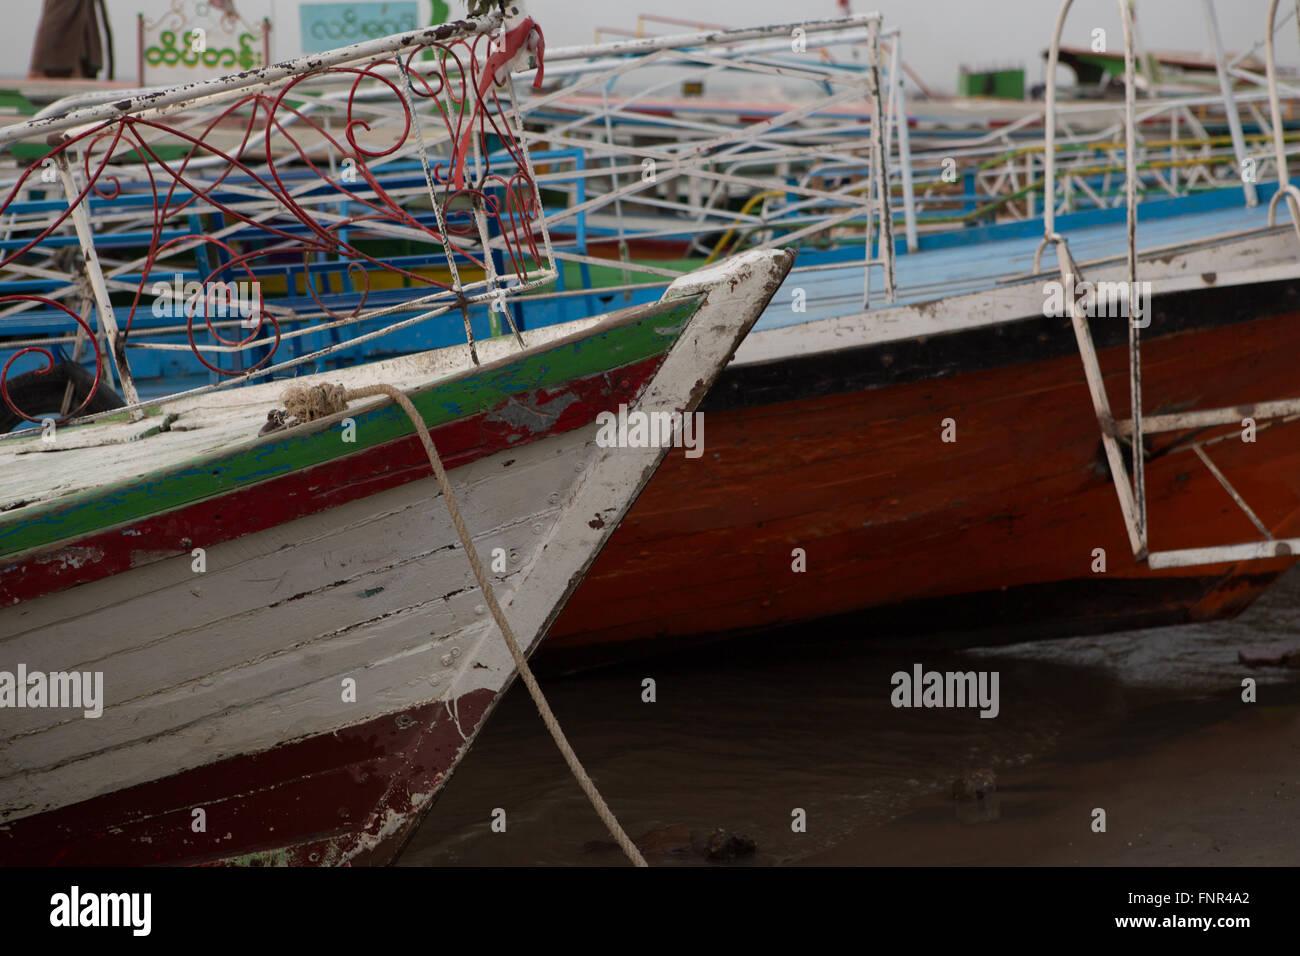 Detail-Aufnahme der alten Holzboot mit abgeplatzte Farbe am Irrawaddy-Fluss in Bagan, Myanmar verankert. Stockbild